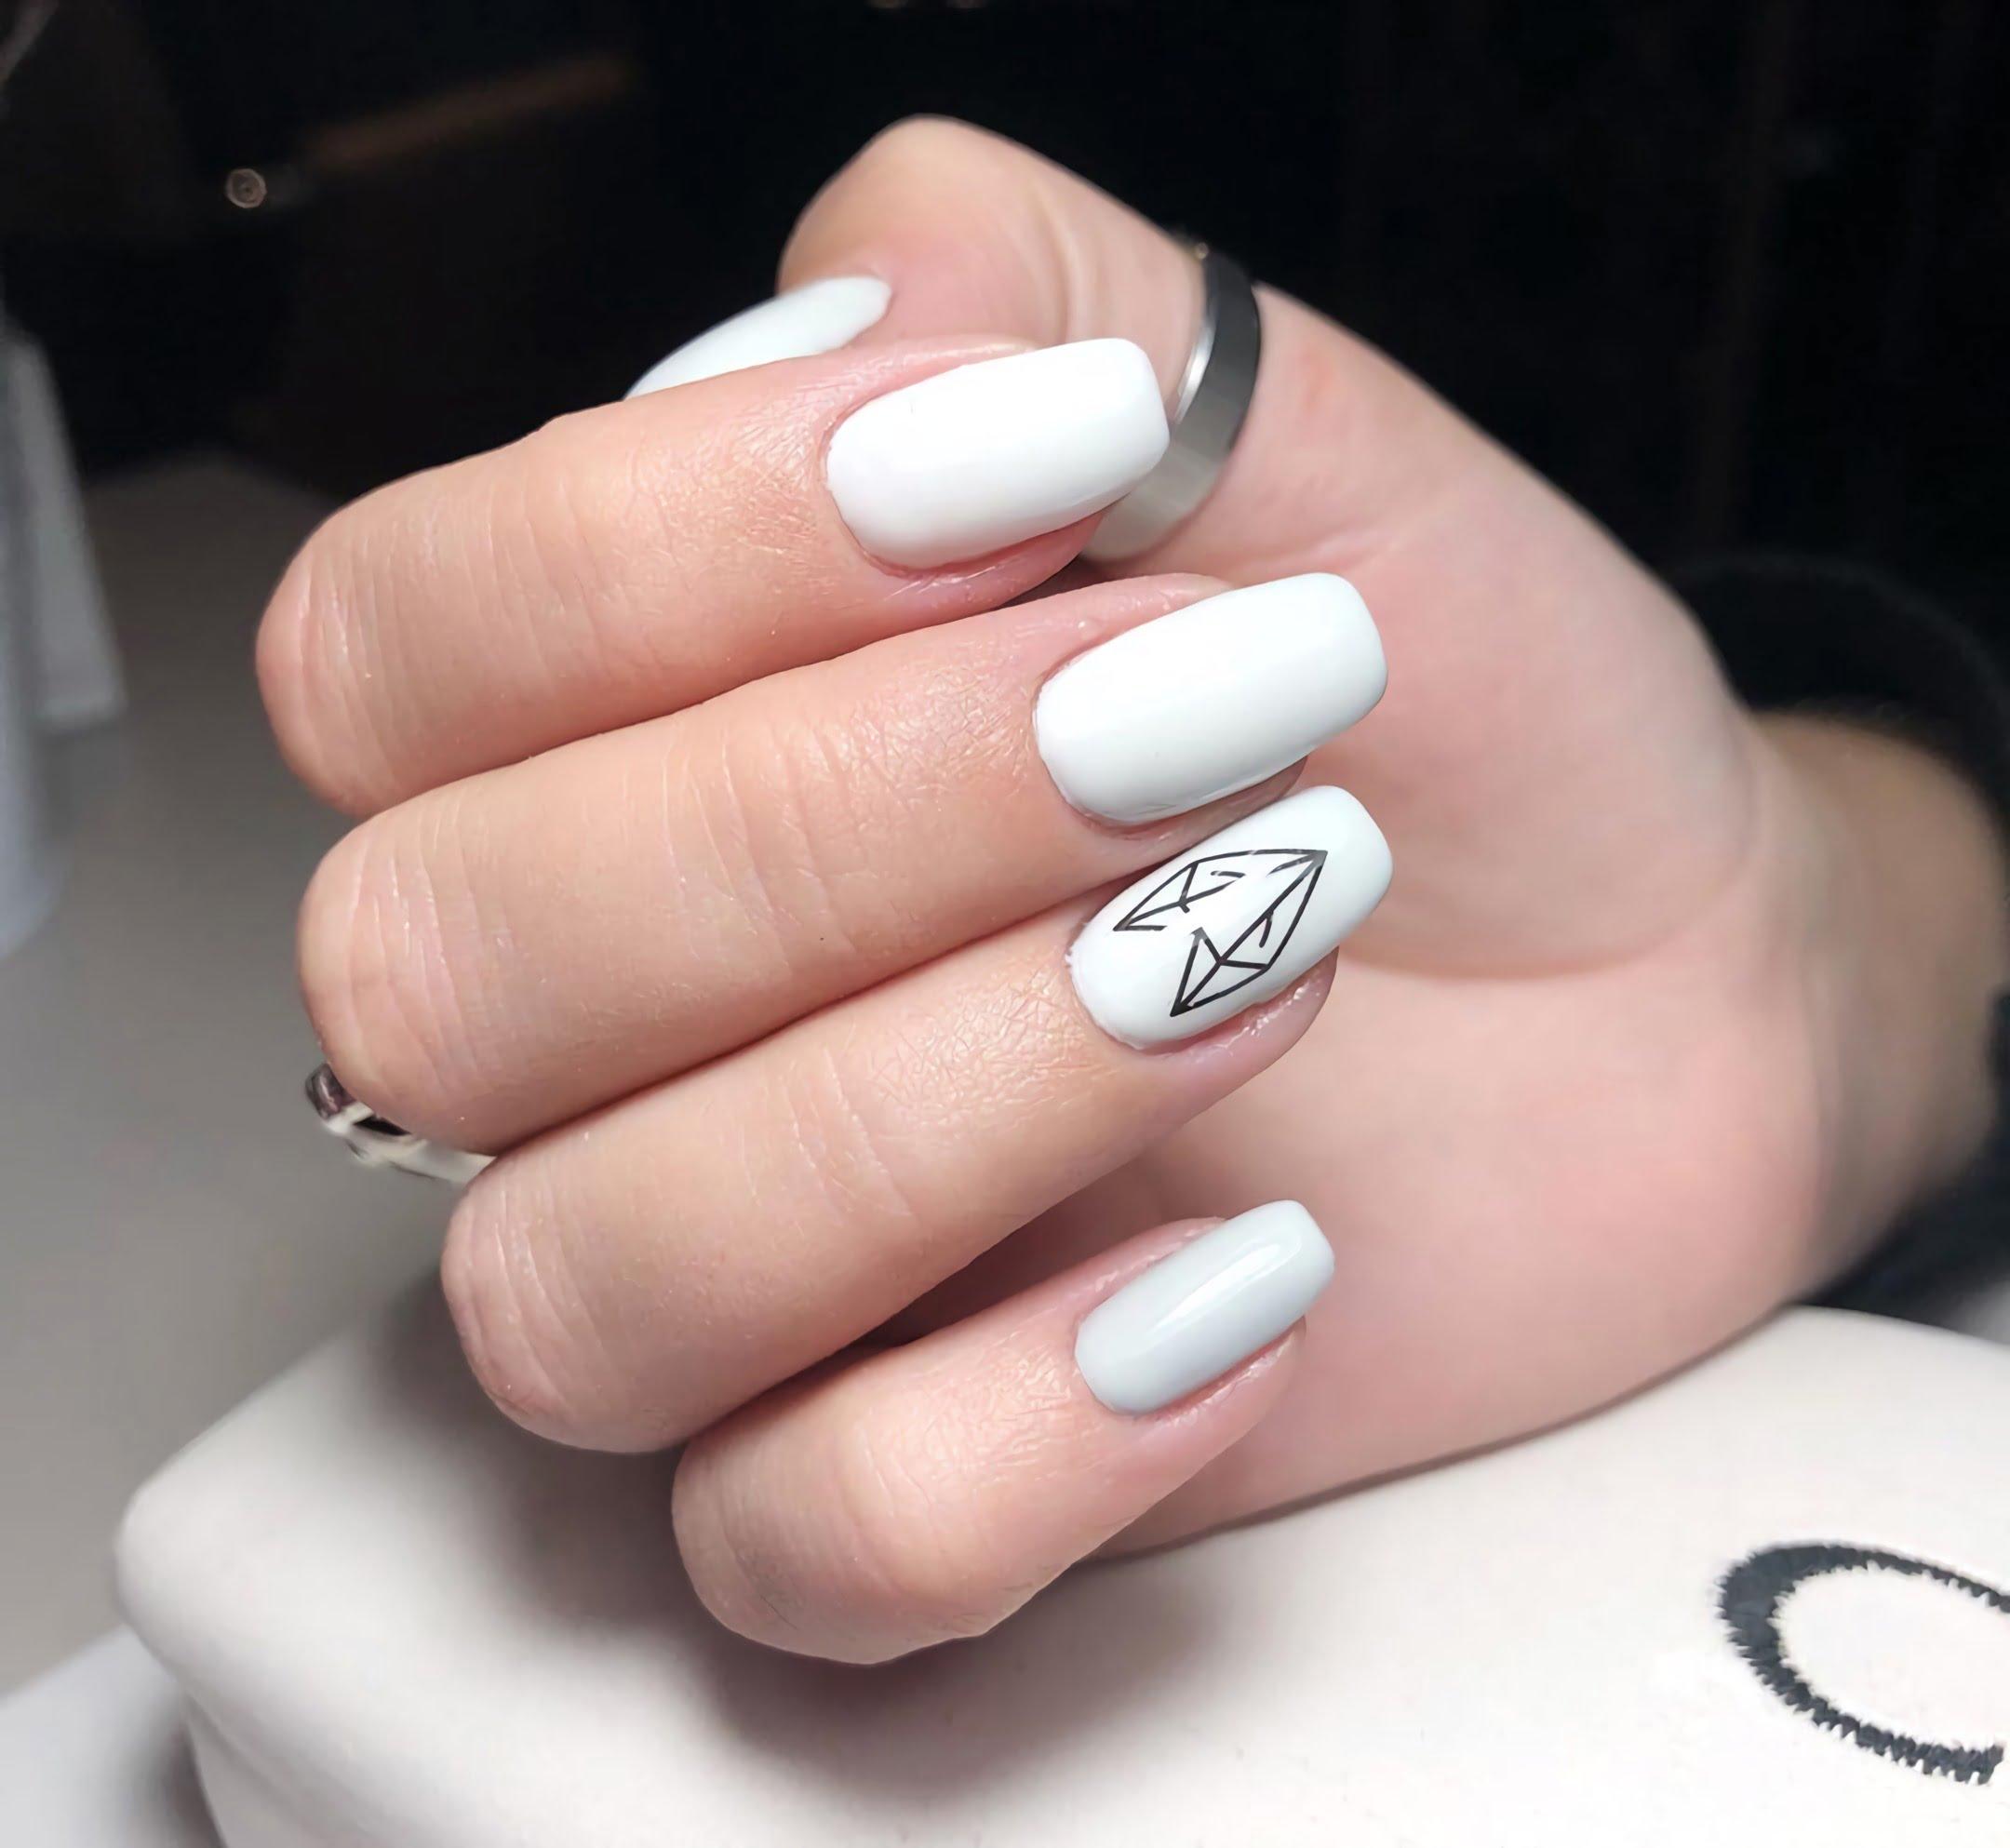 геометрический маникюр на белые ногти